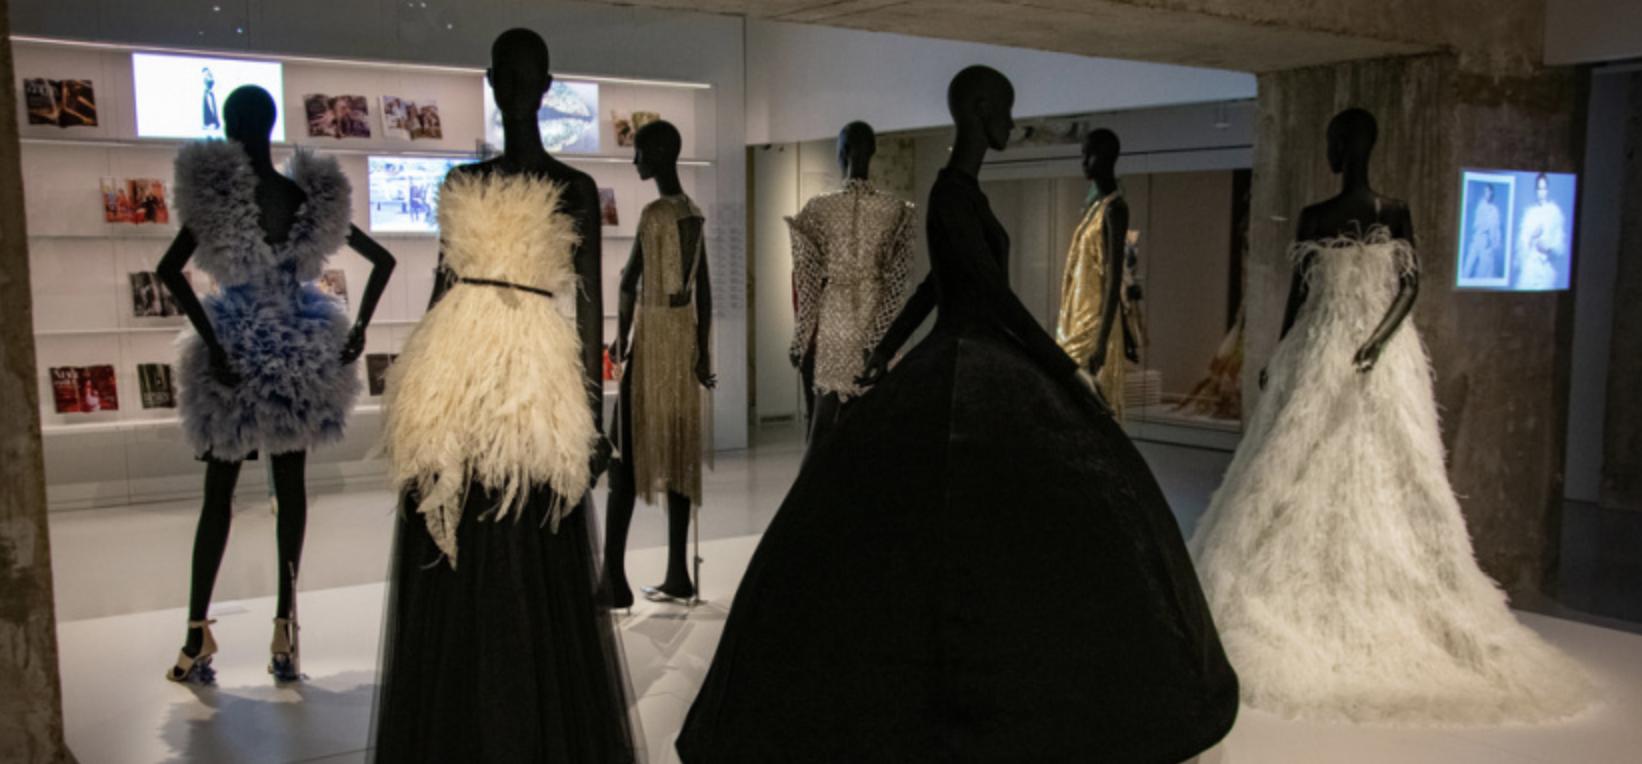 (Français) CORONAVIRUS : LE MUSÉE DES ARTS DÉCORATIFS ET SES COLLECTIONS COMME SI VOUS Y ÉTIEZ